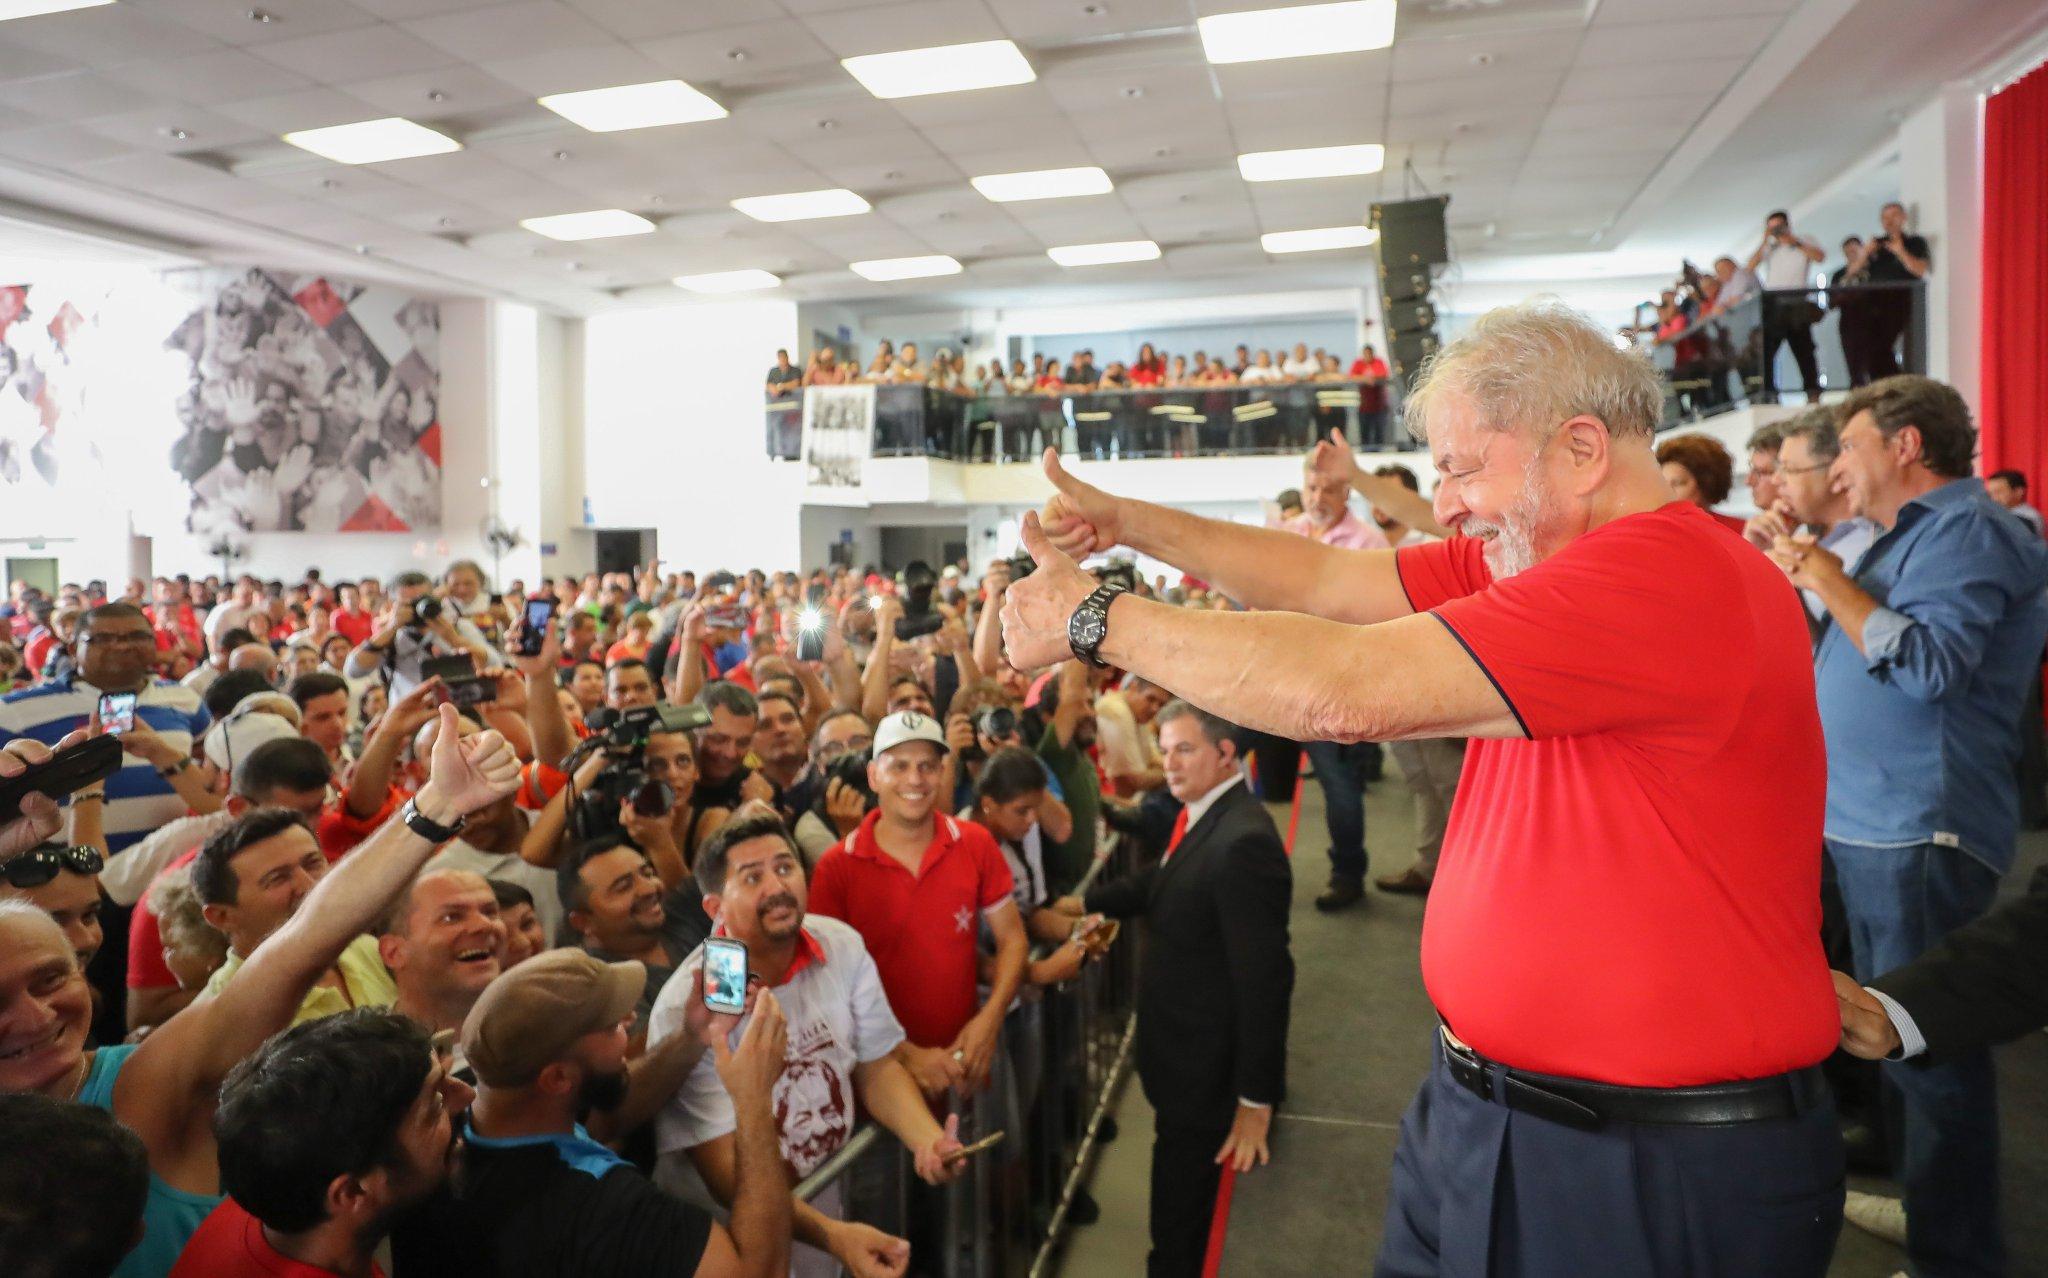 Lula no sindicato dos metalúrgicos, em São Paulo, onde acompanhou julgamento no TRF-4. Crédito: Ricardo Stuckert / Divulgação